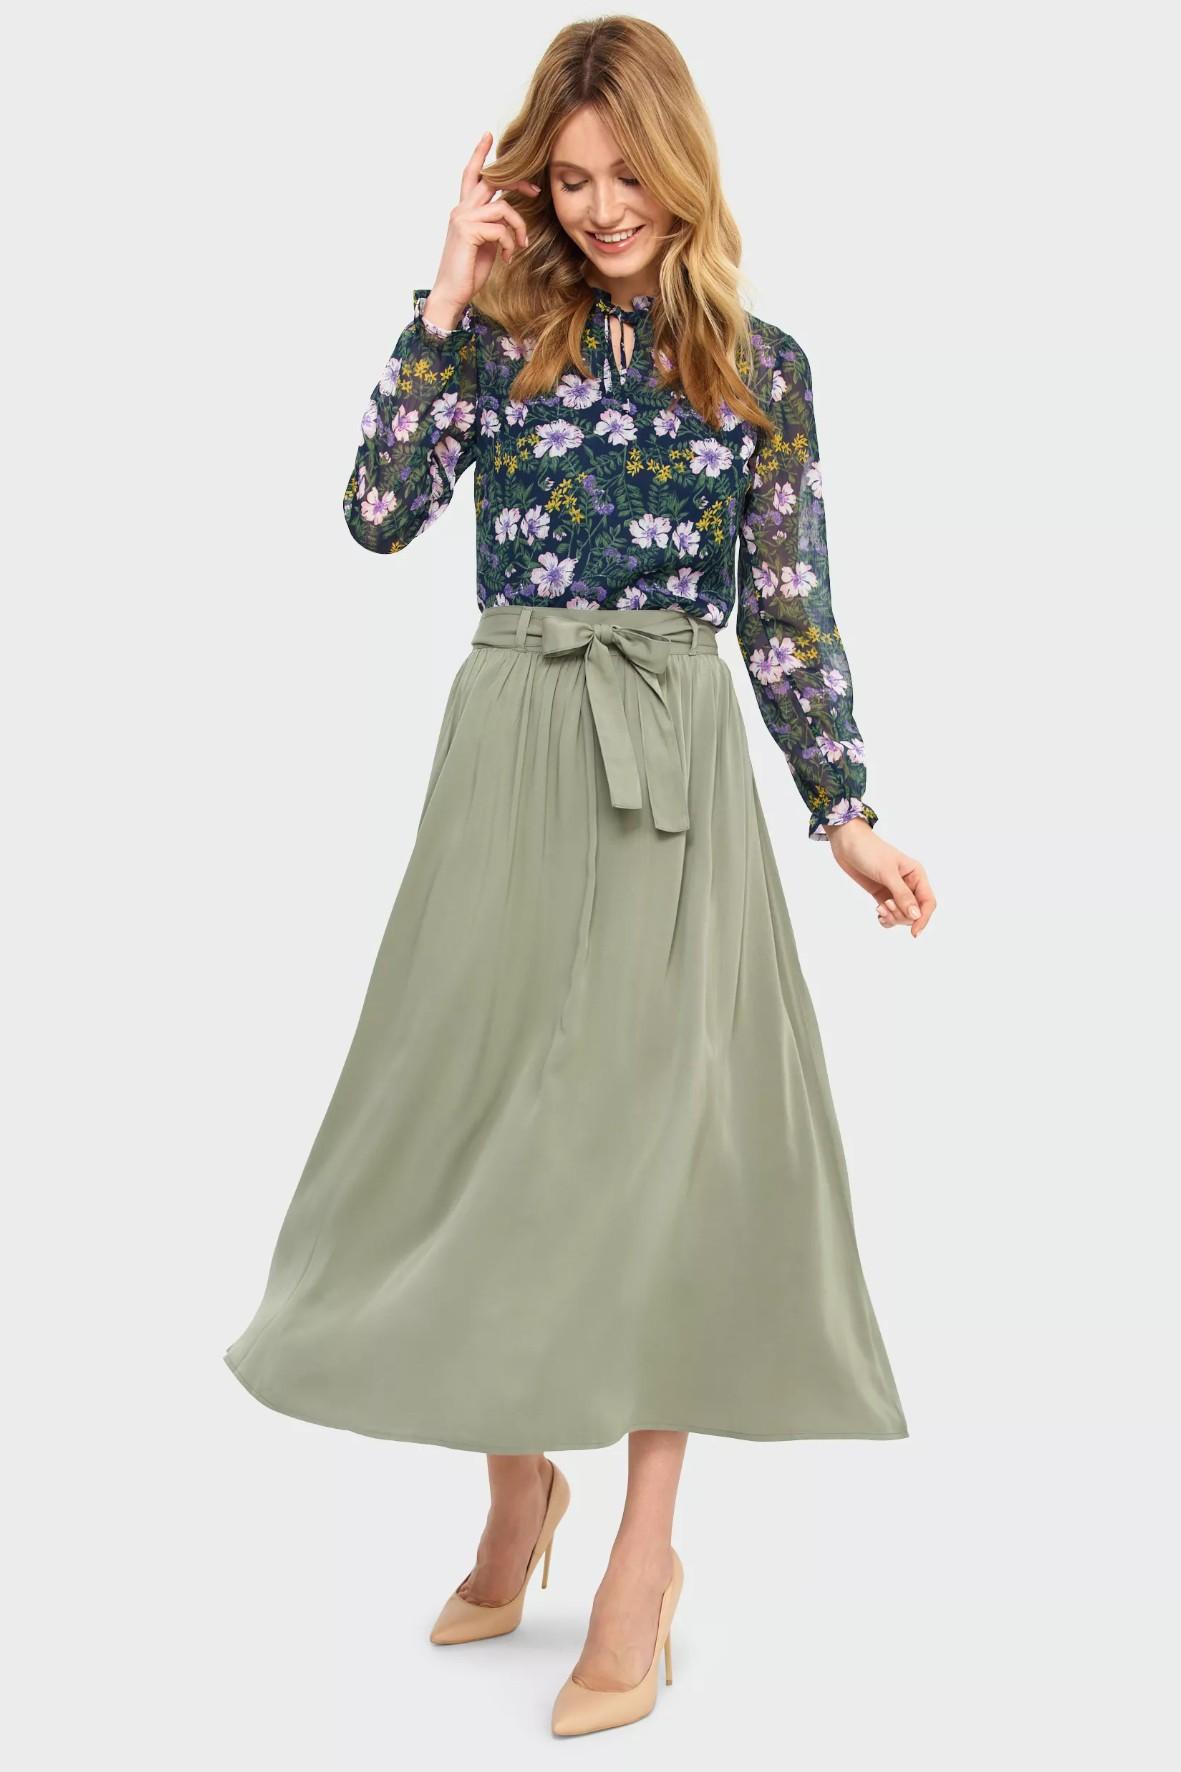 Bluzka damska z kwiecistym wzorem- długi rękaw